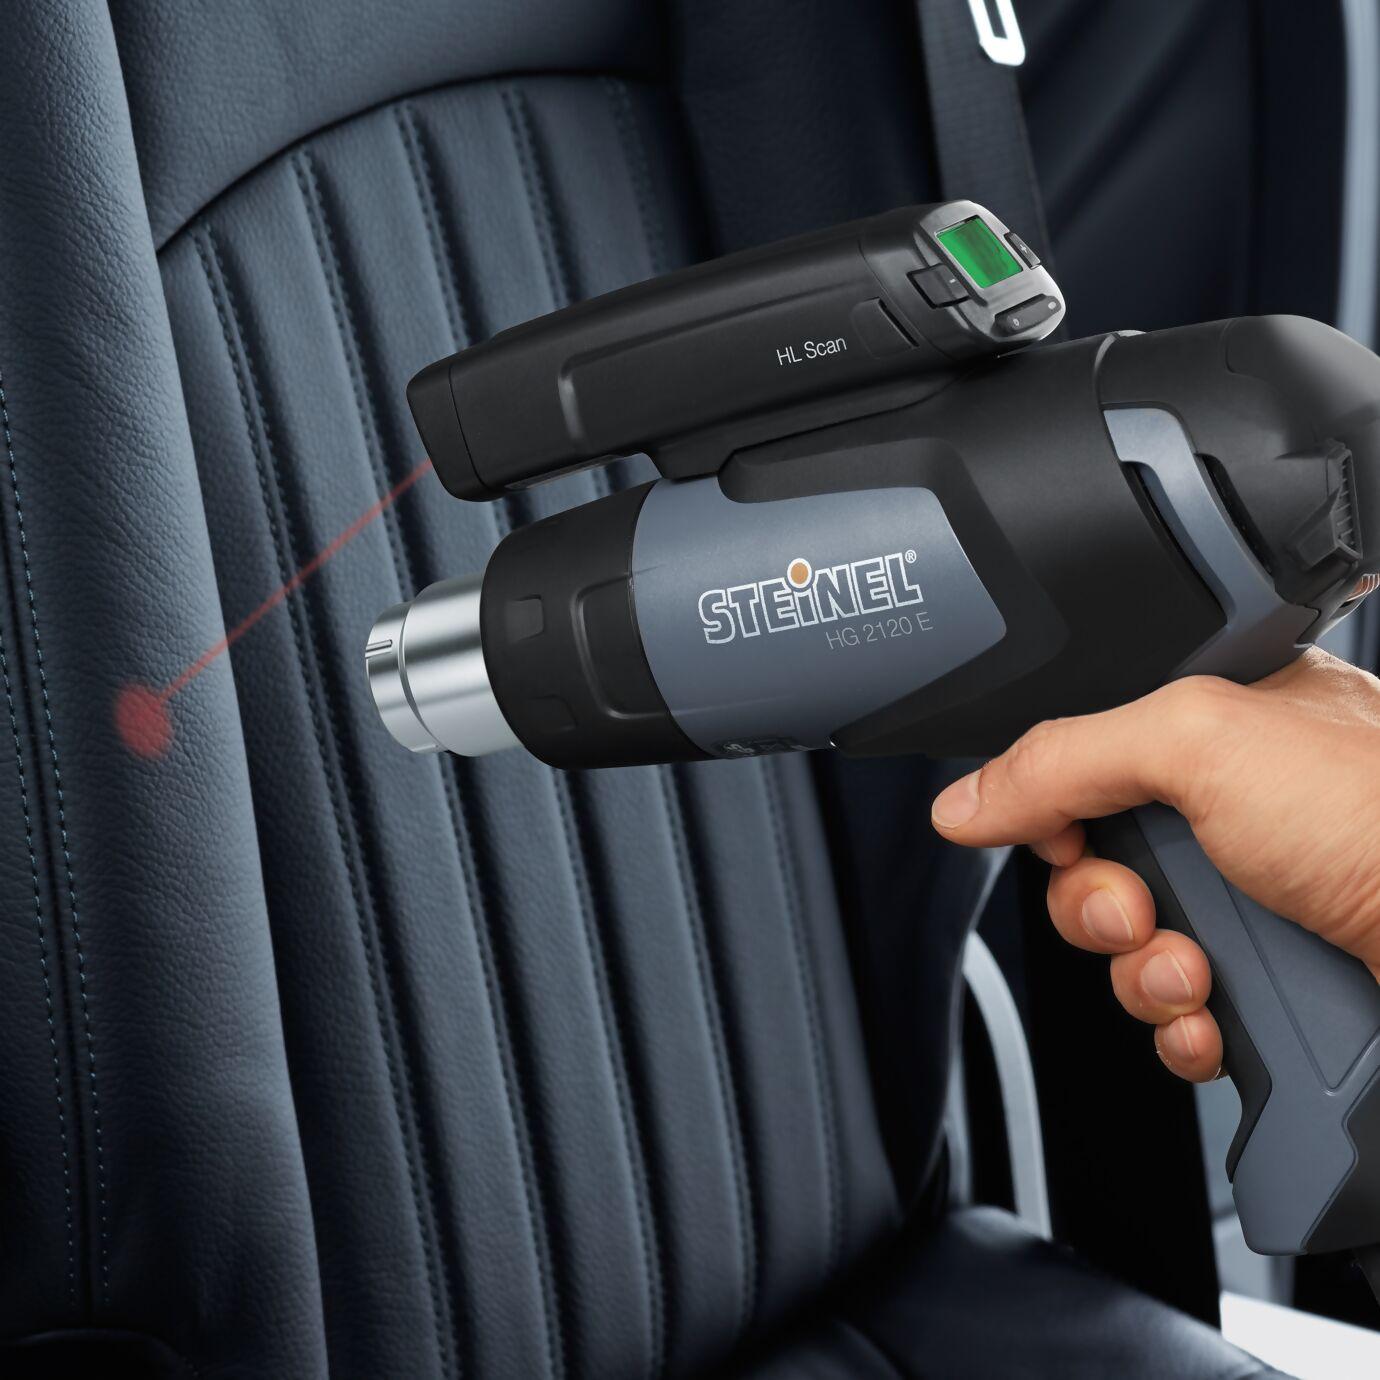 Heißluftgebläse in Verwendung zum Leder glätten von einem Autositz